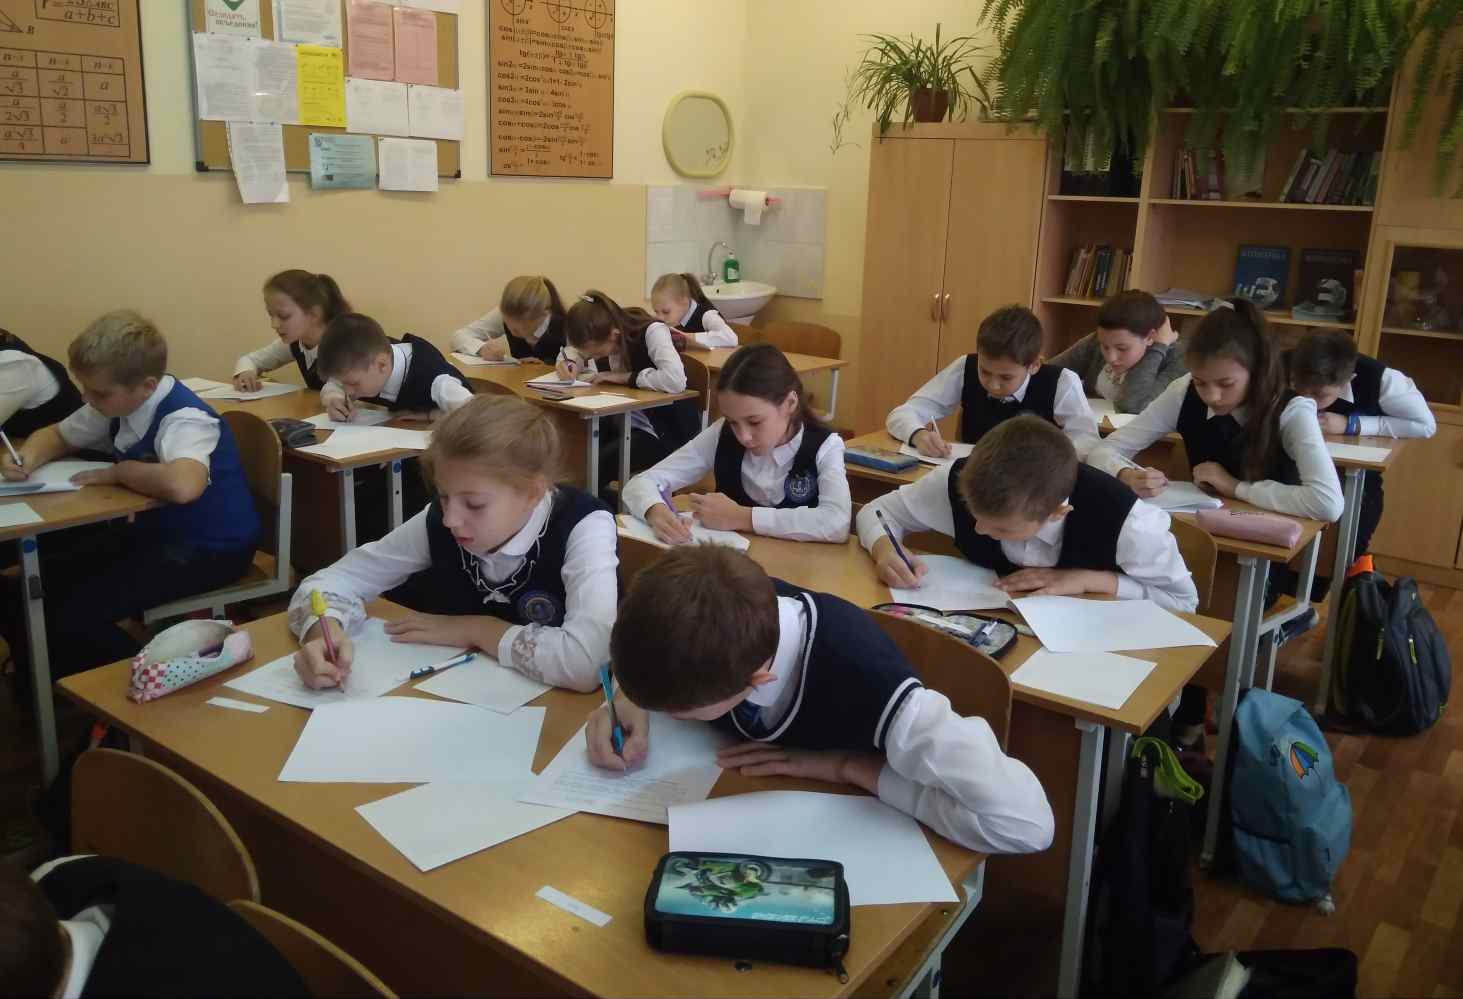 issledovanie-polovina-shkolnikov-hotyat-peremen-v-obrazovanii